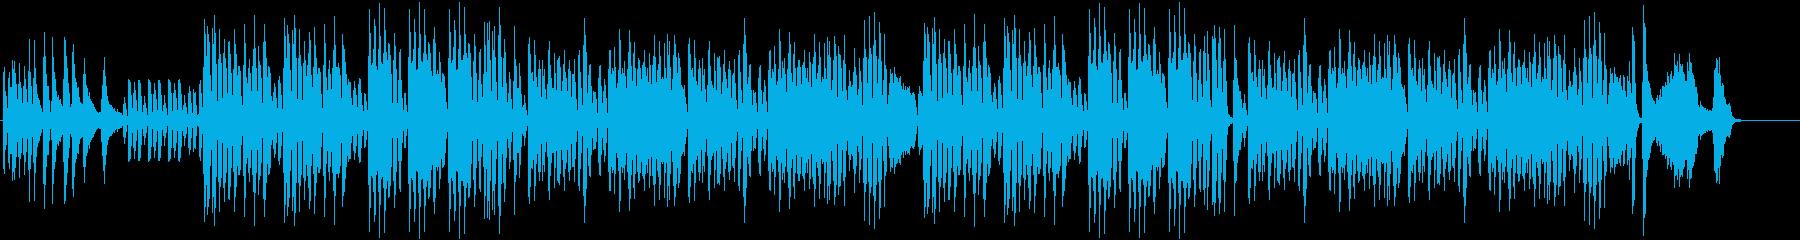 軽快で愉快なピアノの再生済みの波形